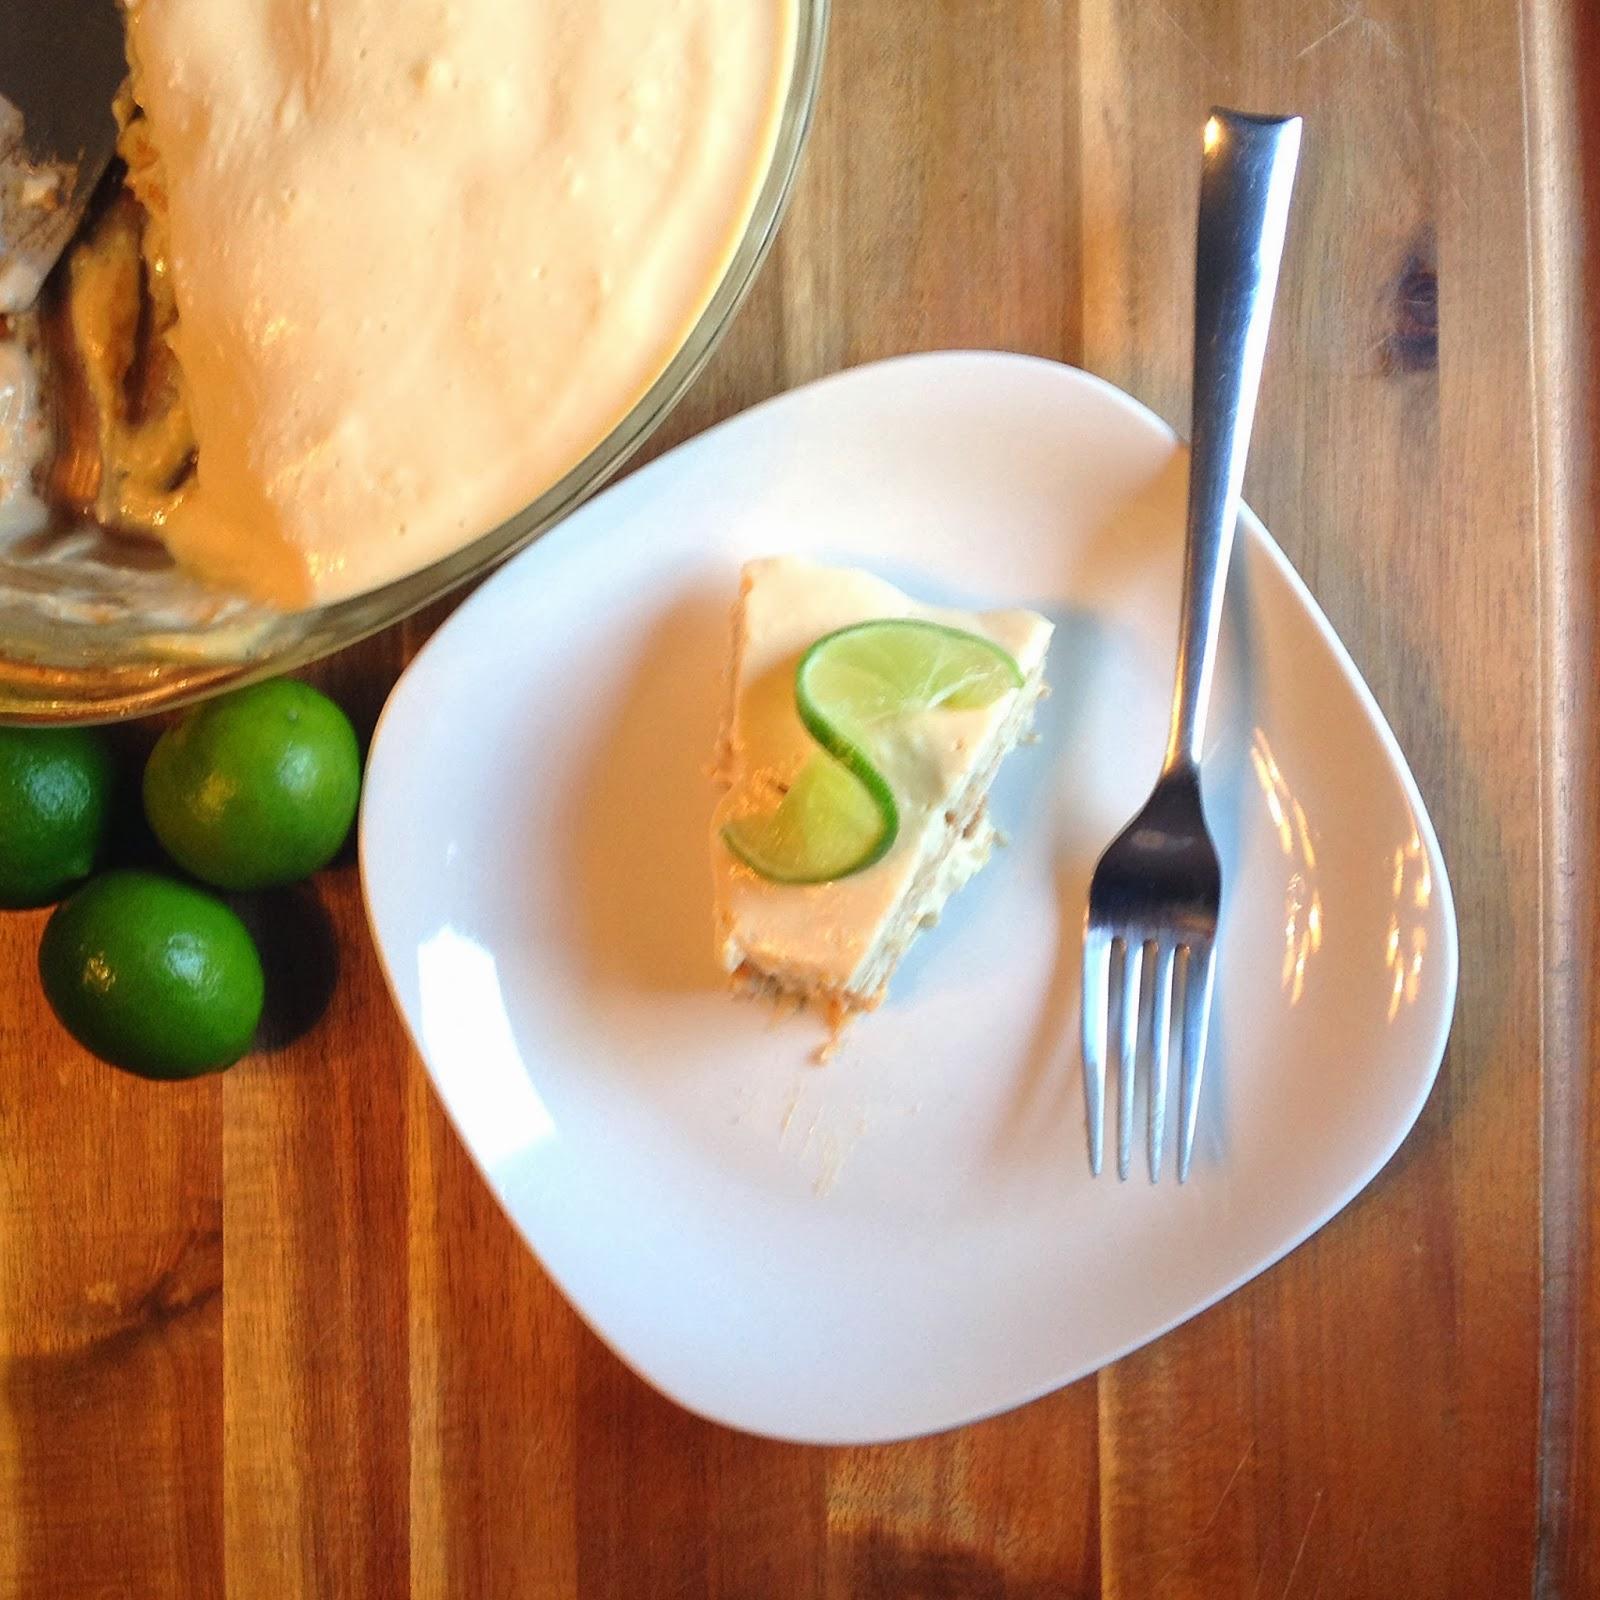 carlota de limon con galletas marias